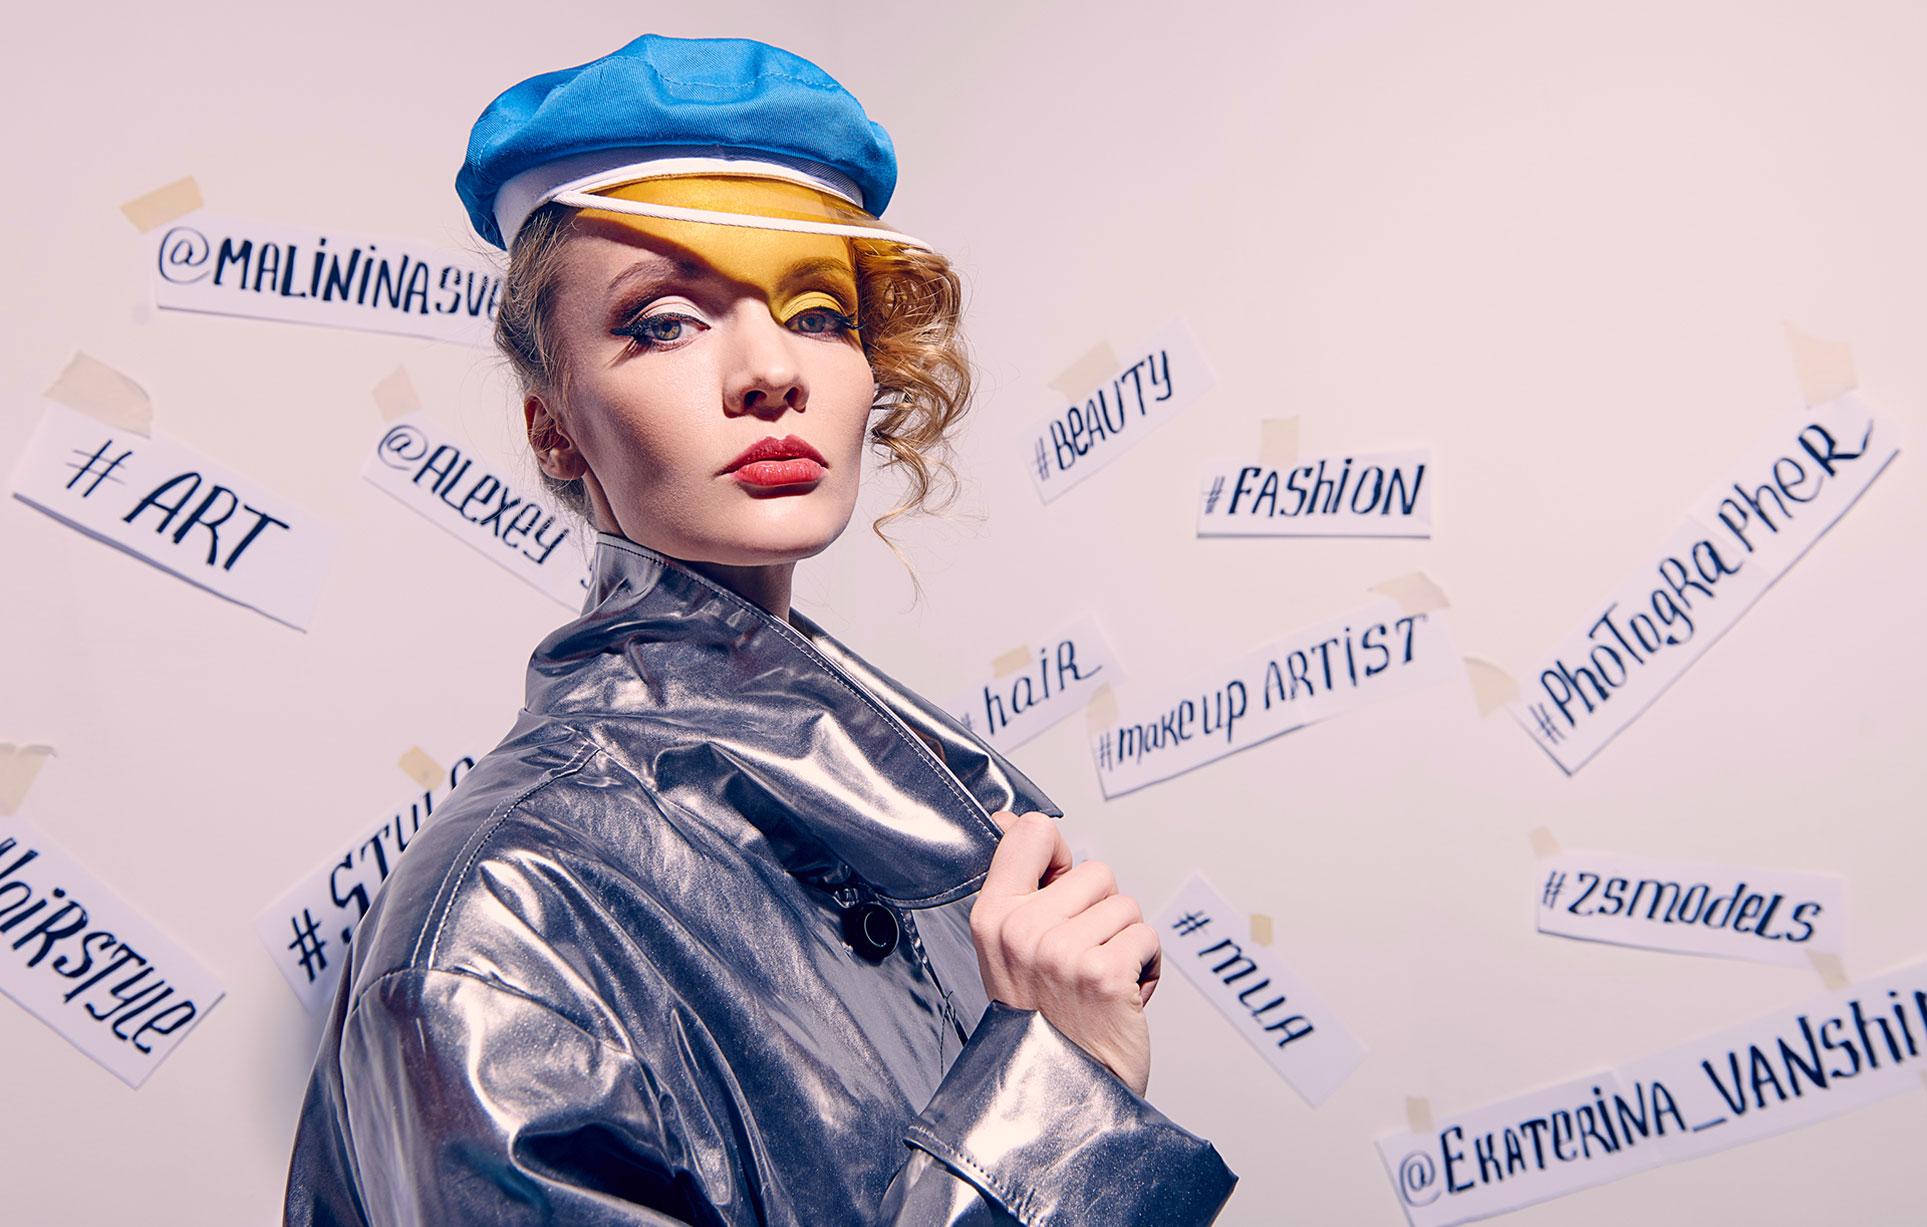 Екатерина Ваньшина и хэштеги в модной фотосессии Алексея Янбаева / фото 04